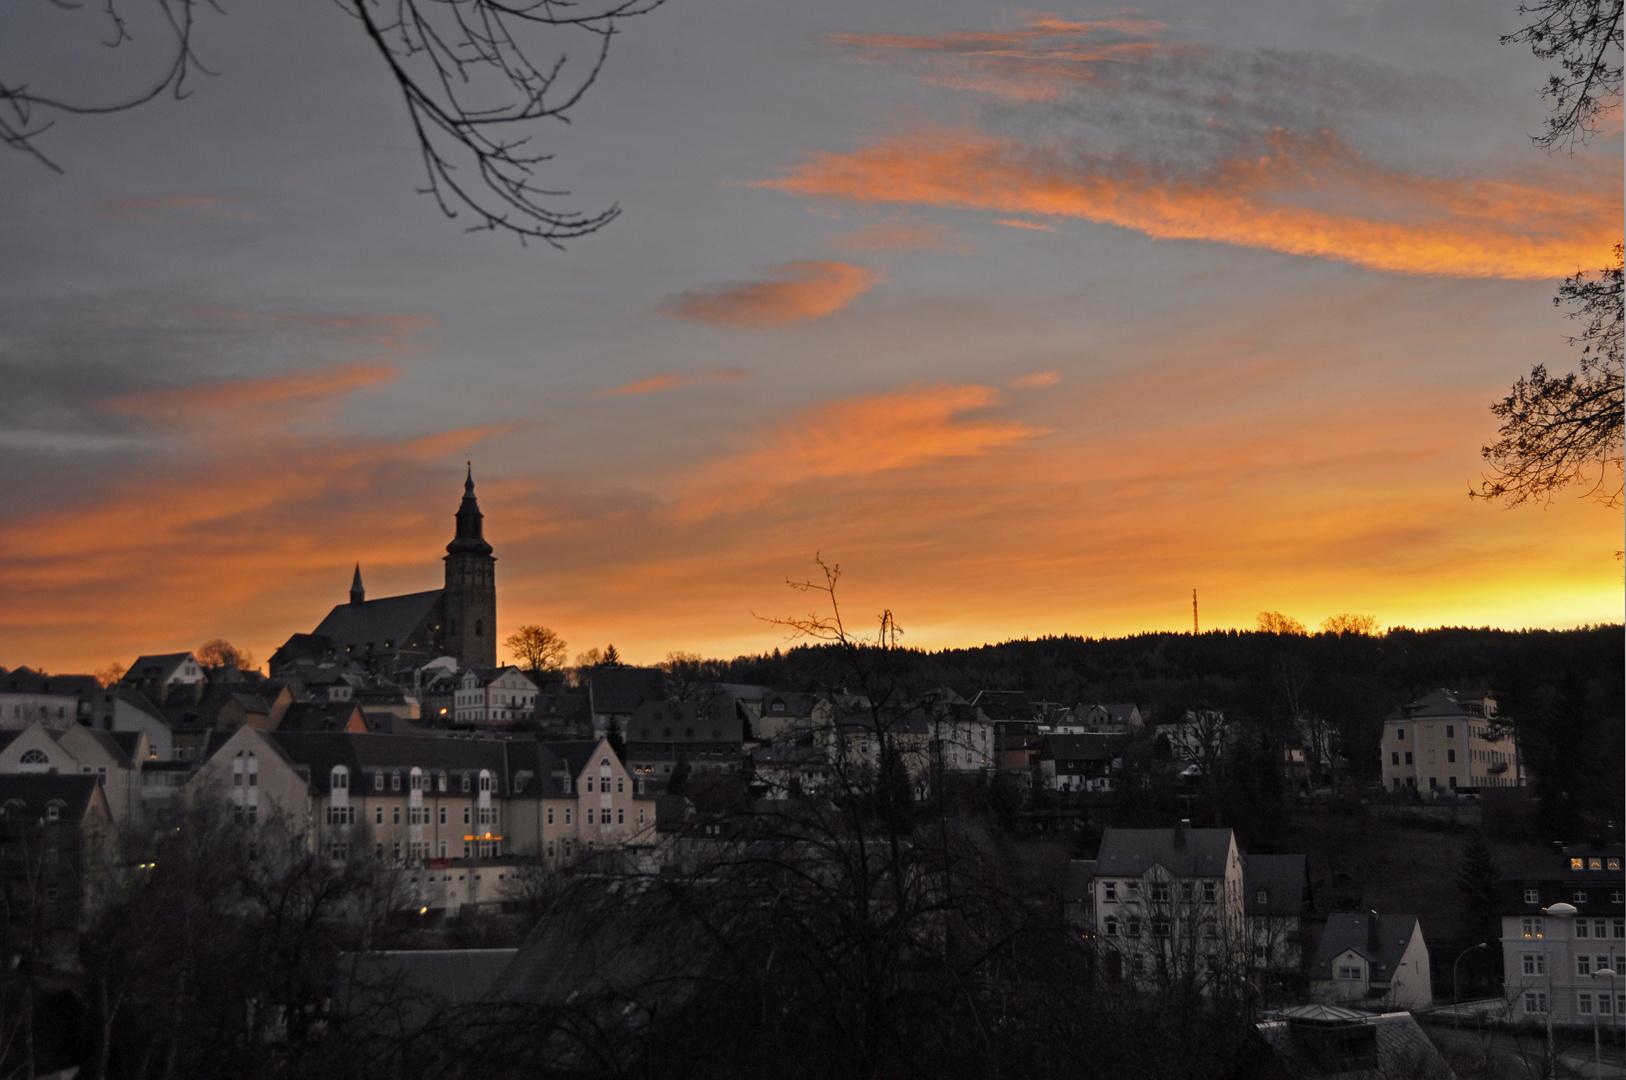 Goldener Sonnenaufgang über Schneeberg